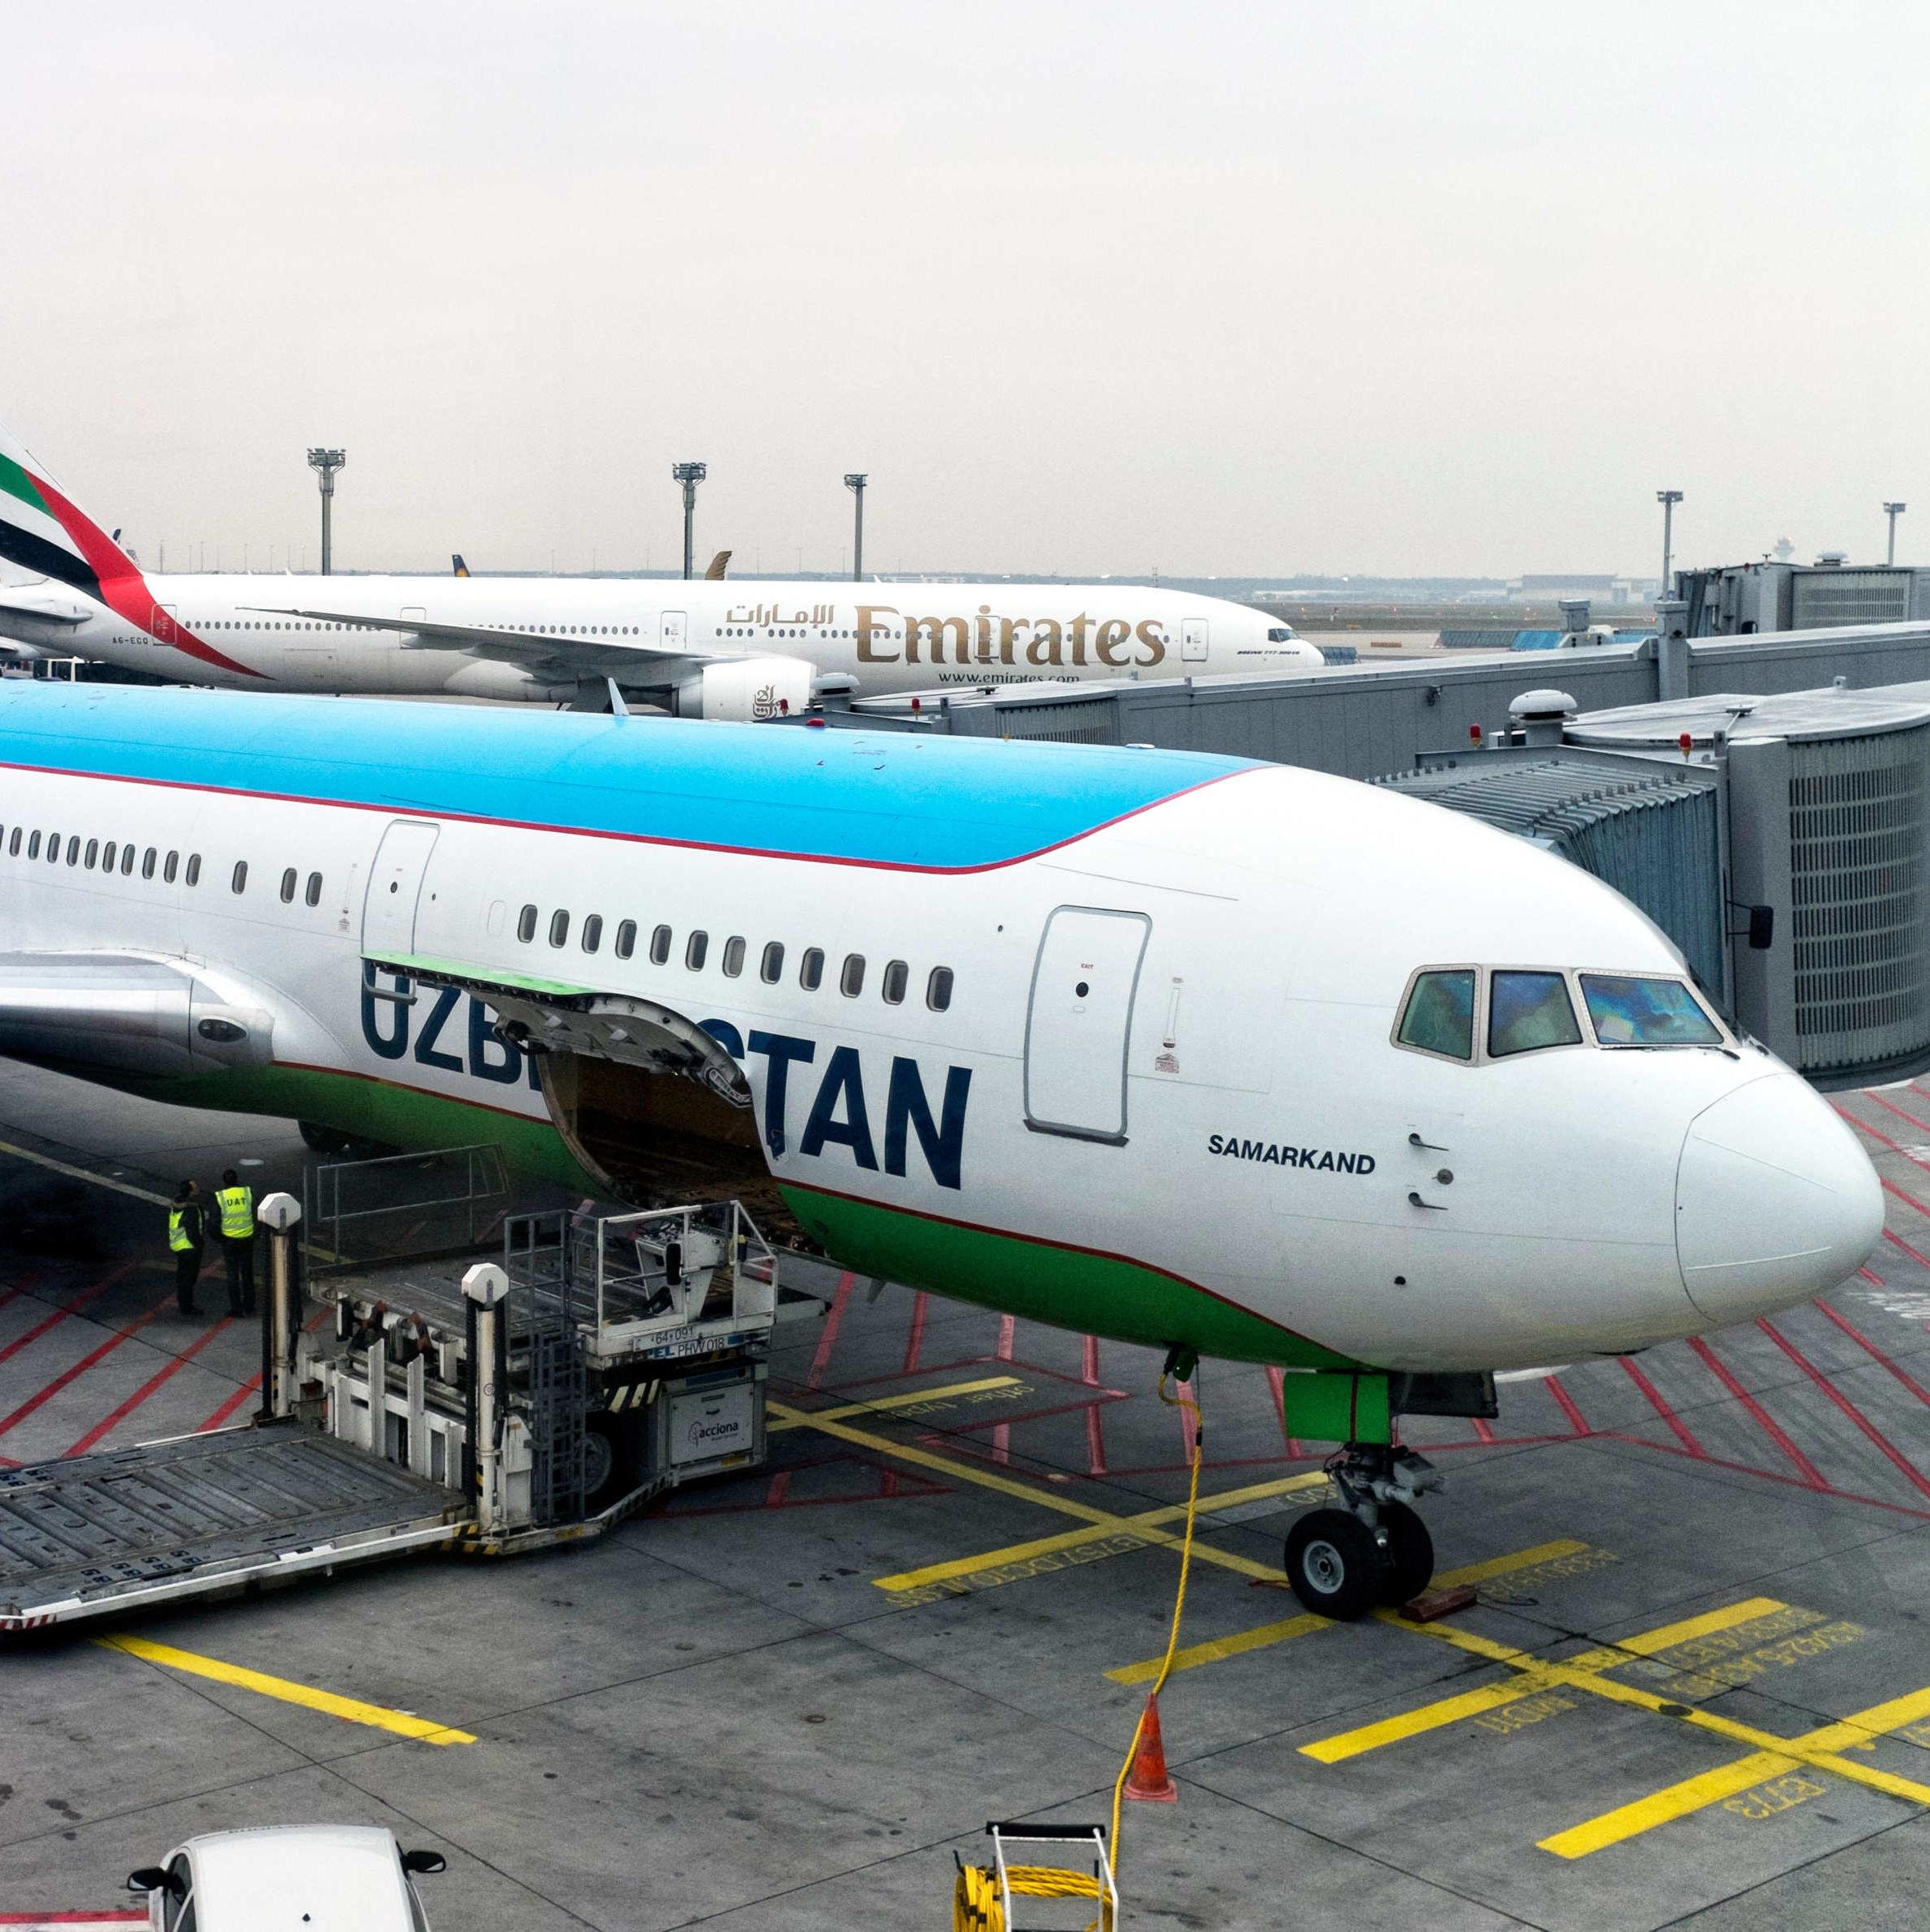 12 uzbekistan airways.w1779.h1183.2x xbae16